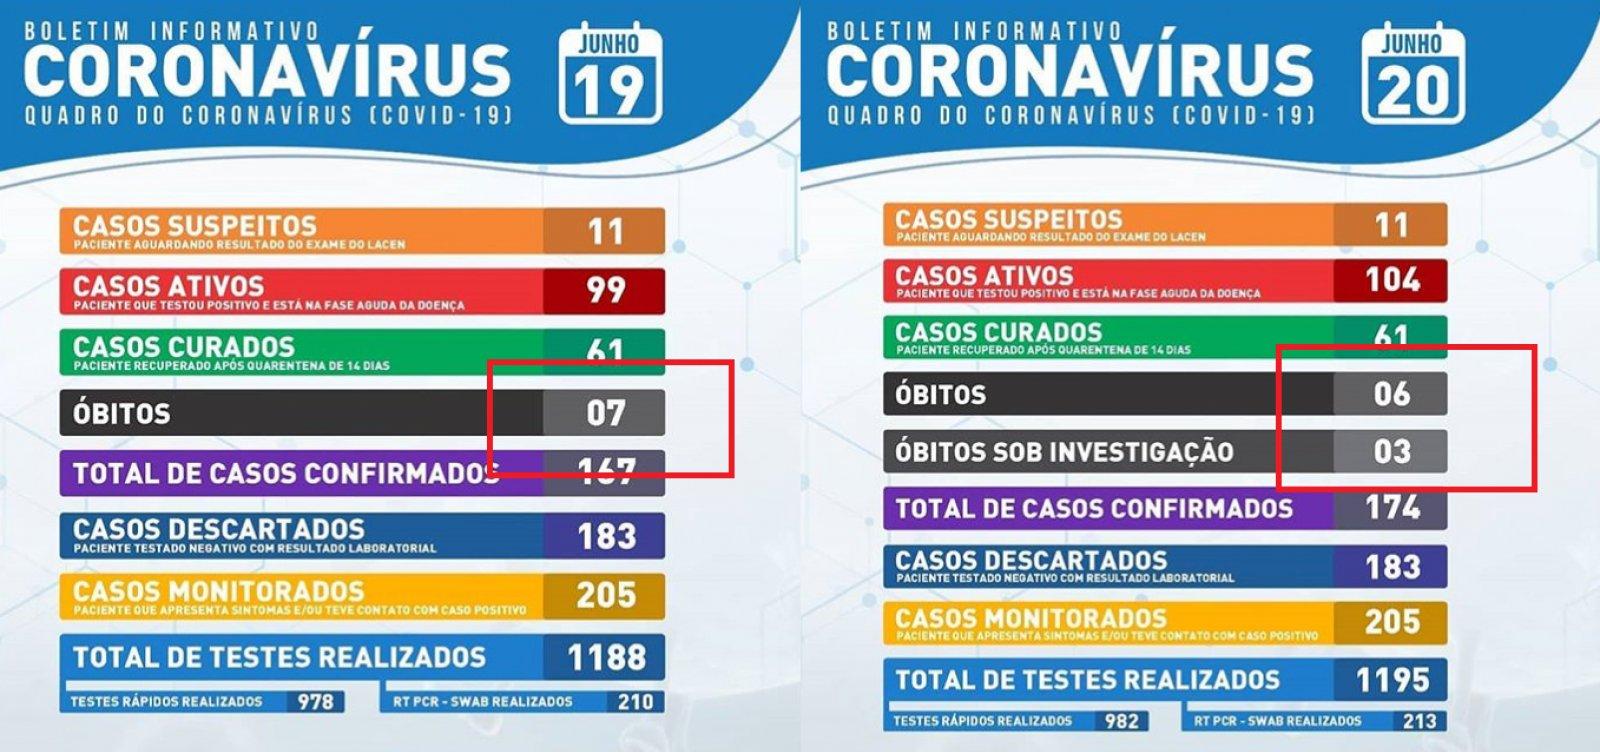 [Após anunciar 7 mortes por coronavírus, prefeitura de Itaberaba divulga boletim com óbito a menos]